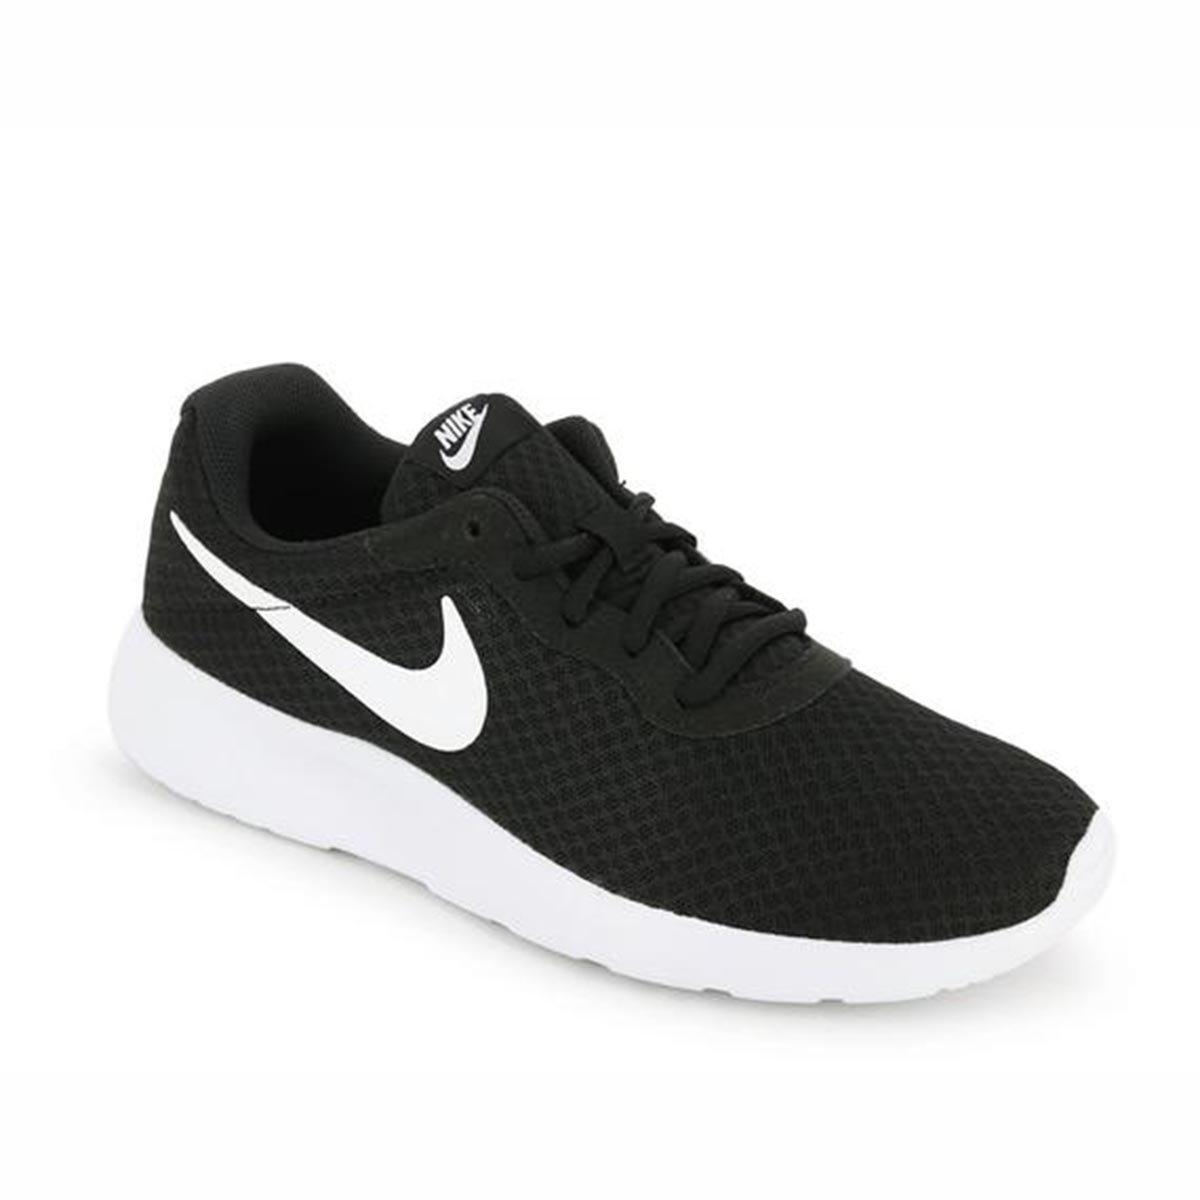 Nike Tanjun Running Shoes (Black/White